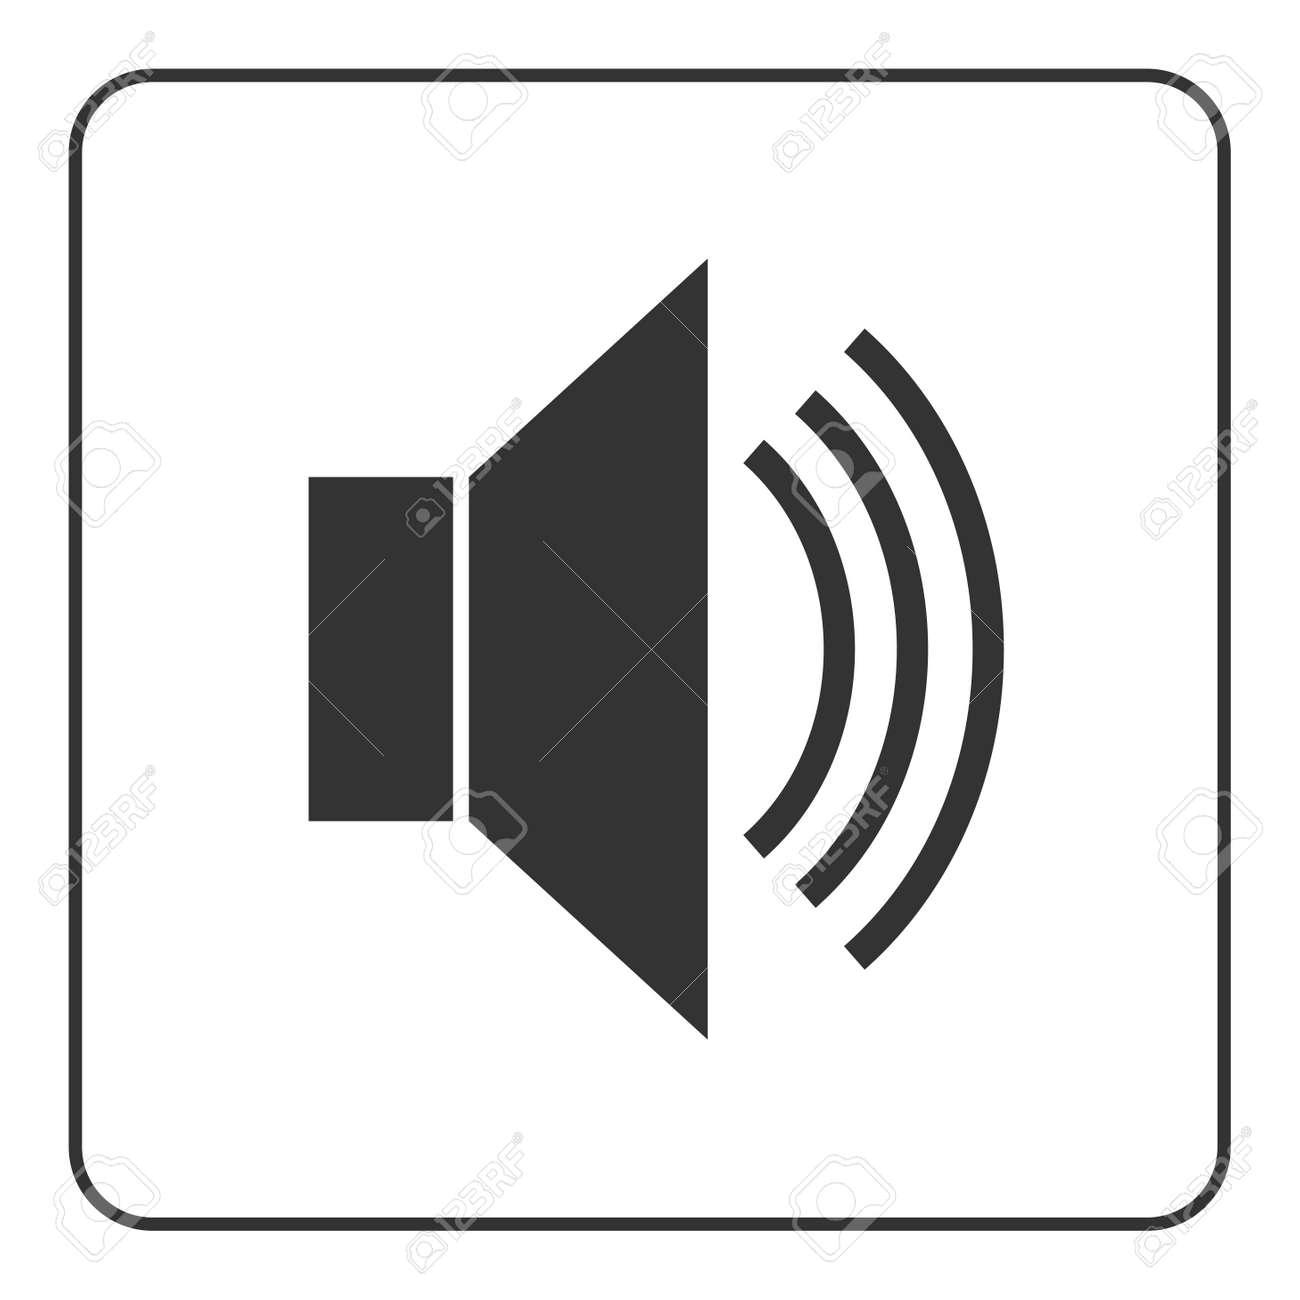 Lautsprecher-Symbol Mit Wellen. Schwarz Lautsprecher öffentliche ...